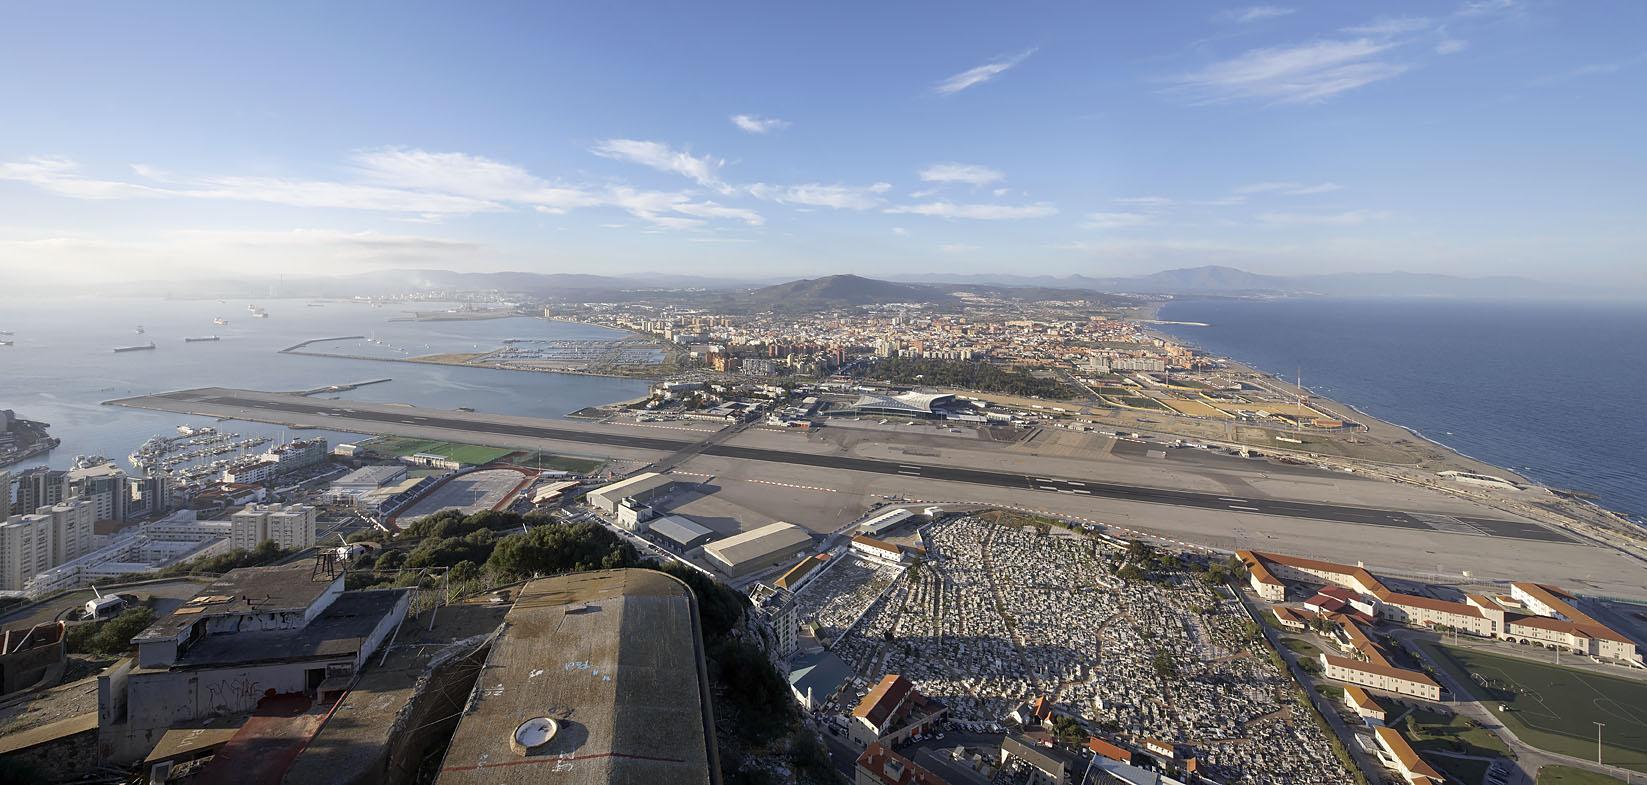 8. Aéroport de Gibraltar